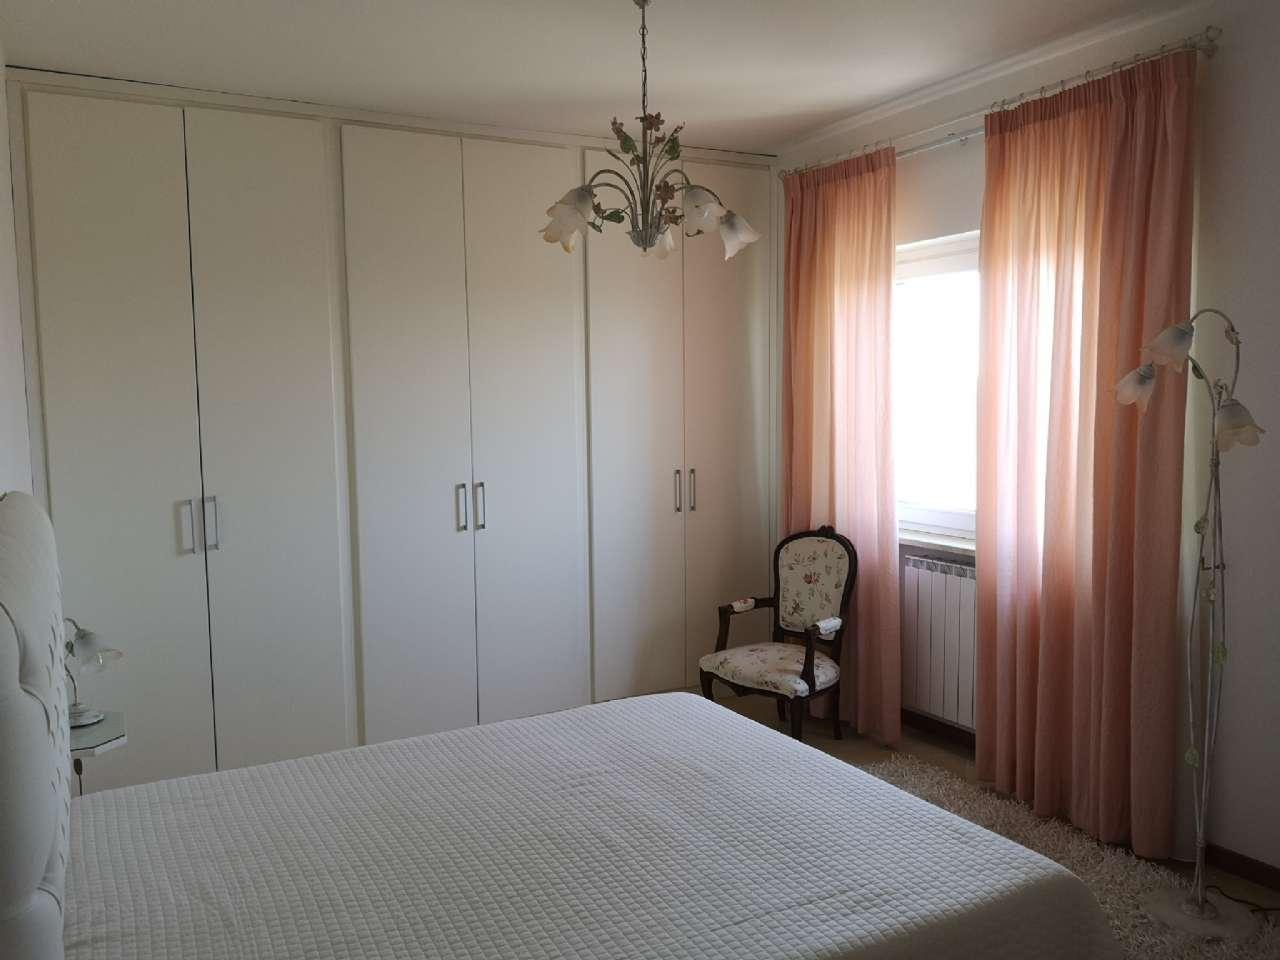 Bilocale, Via Santa Maria dell'Elce, Quartiere Ponte dell'Elce, Viterbo, foto 7